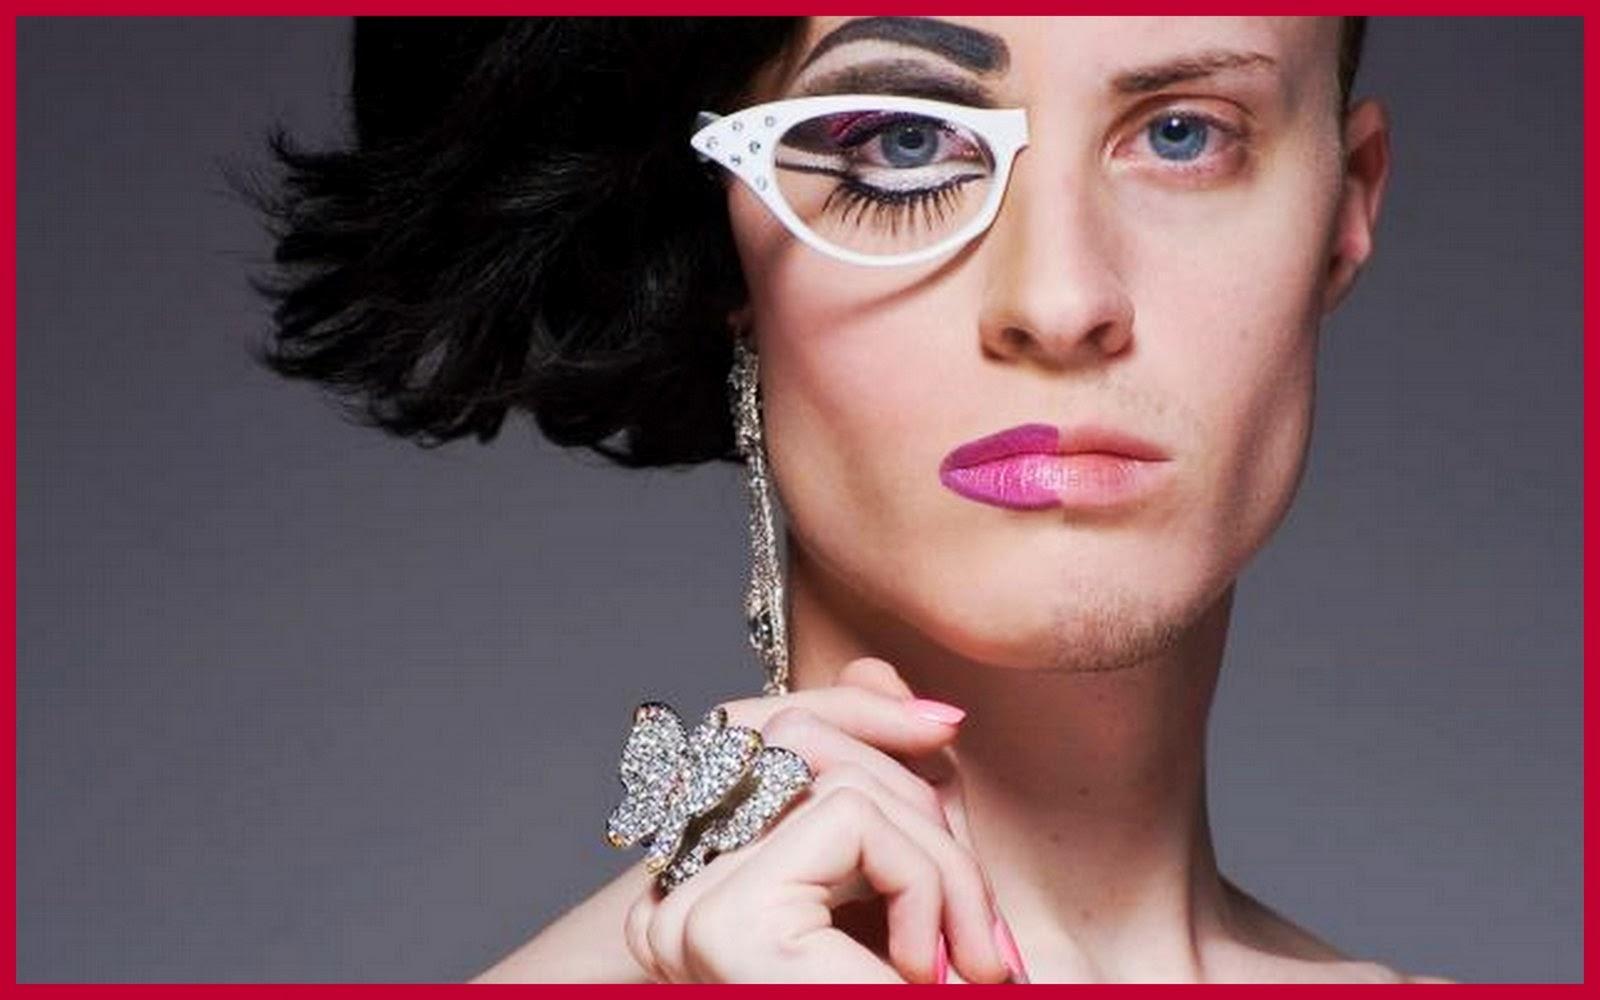 Трансвеститы и макияж 9 фотография